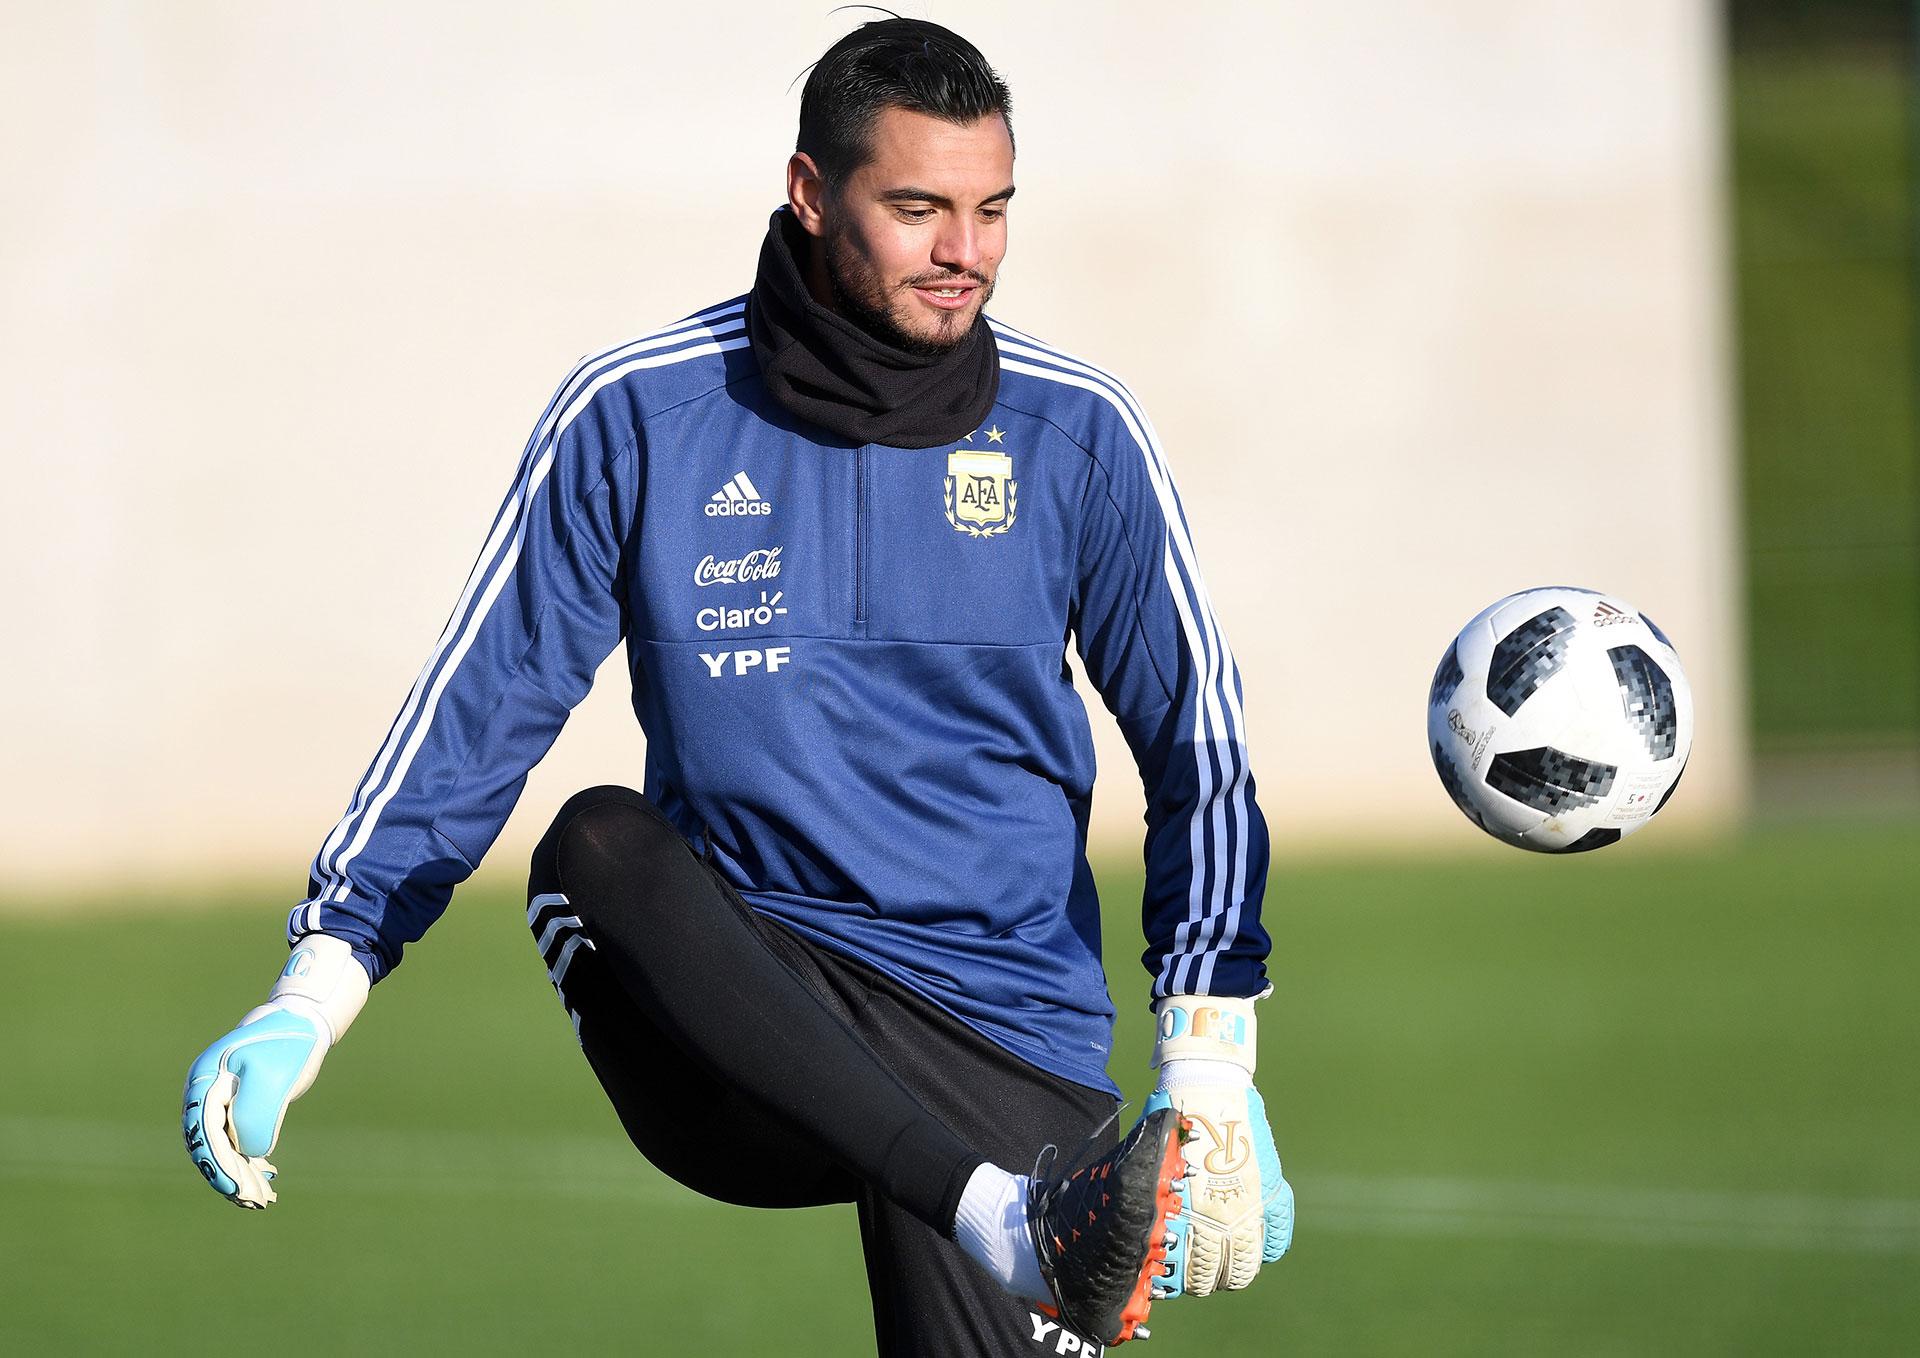 Sergio Romero, del Manchester United, fue el primero en entrenarse este lunes por la mañana